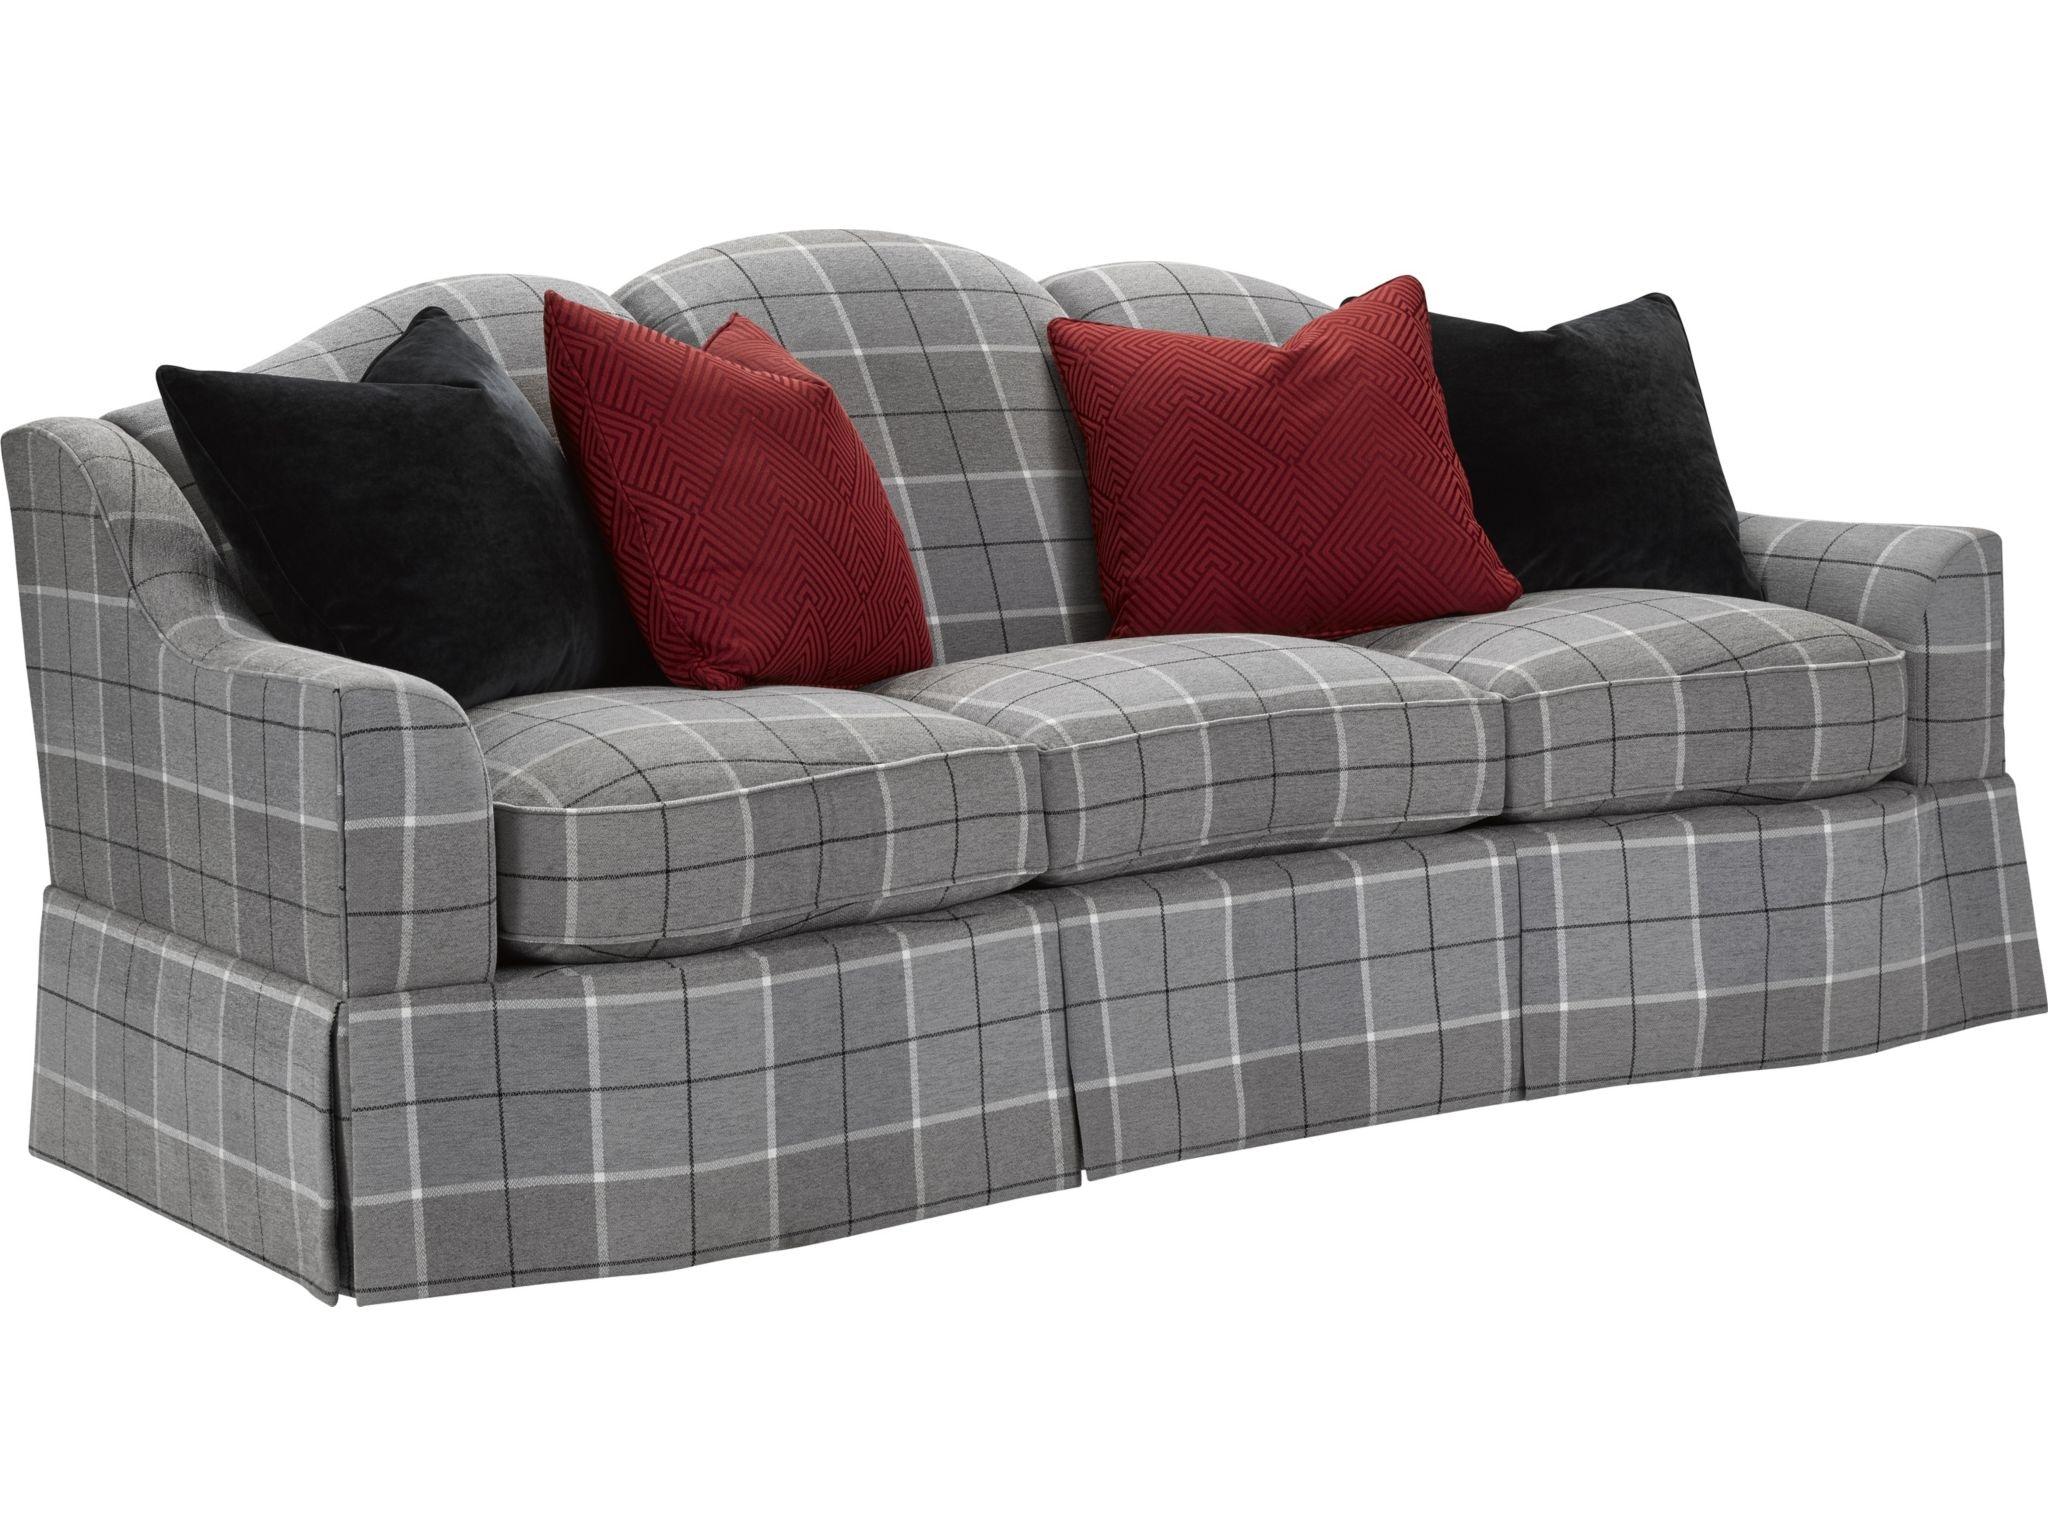 2617 11. Rosehill Sofa